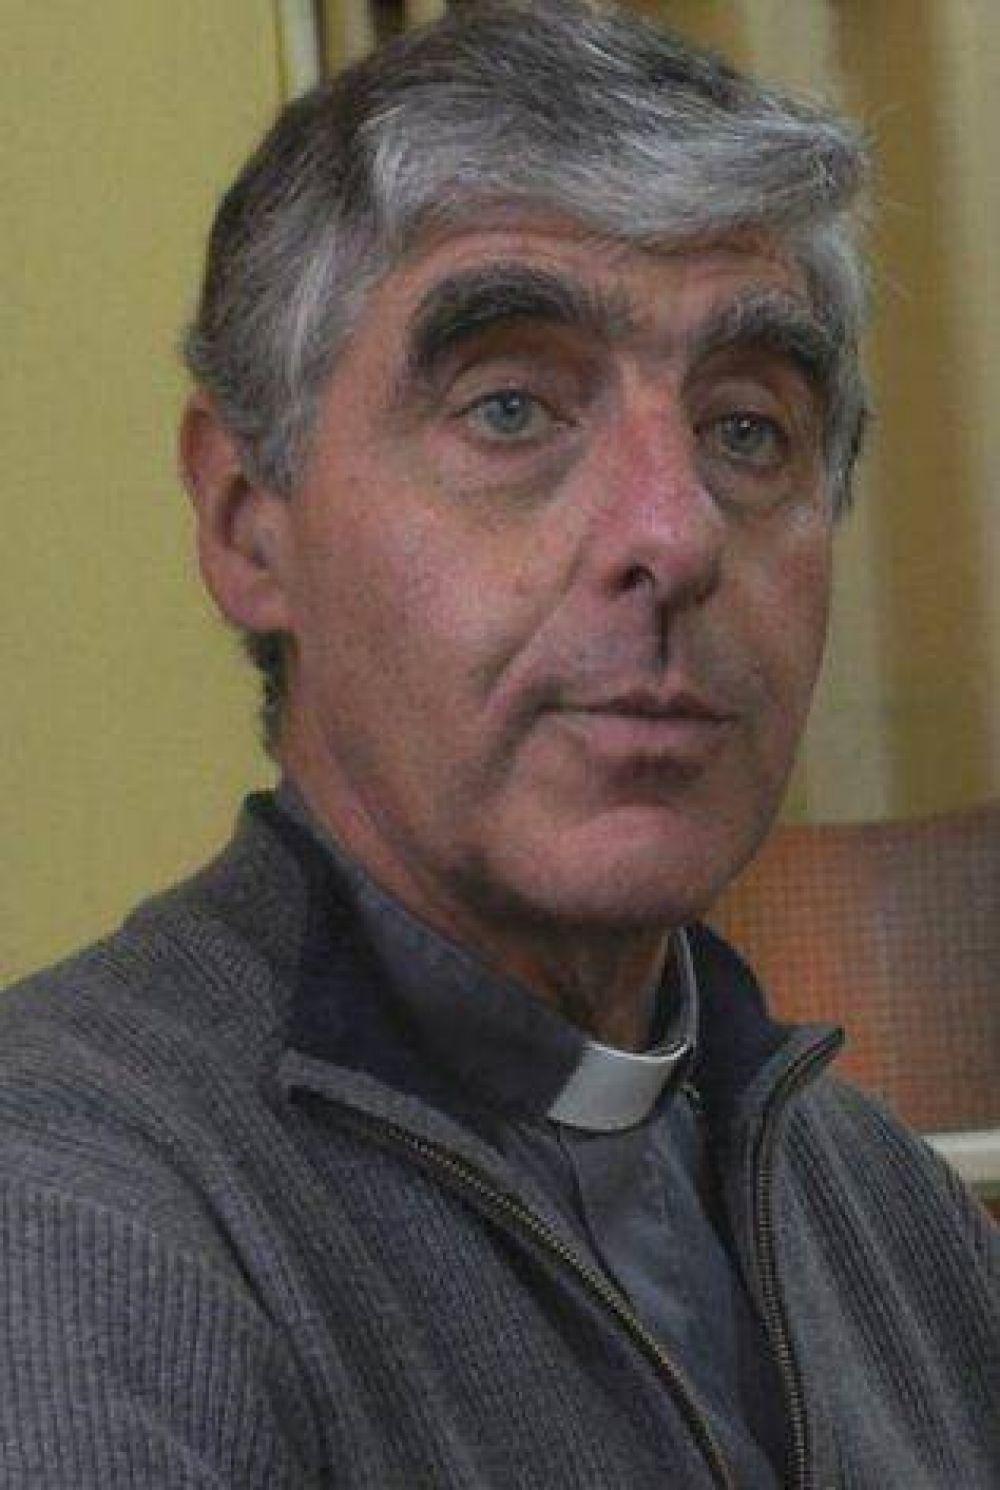 Obispado confirmó denuncia por abuso de niños en una parroquia